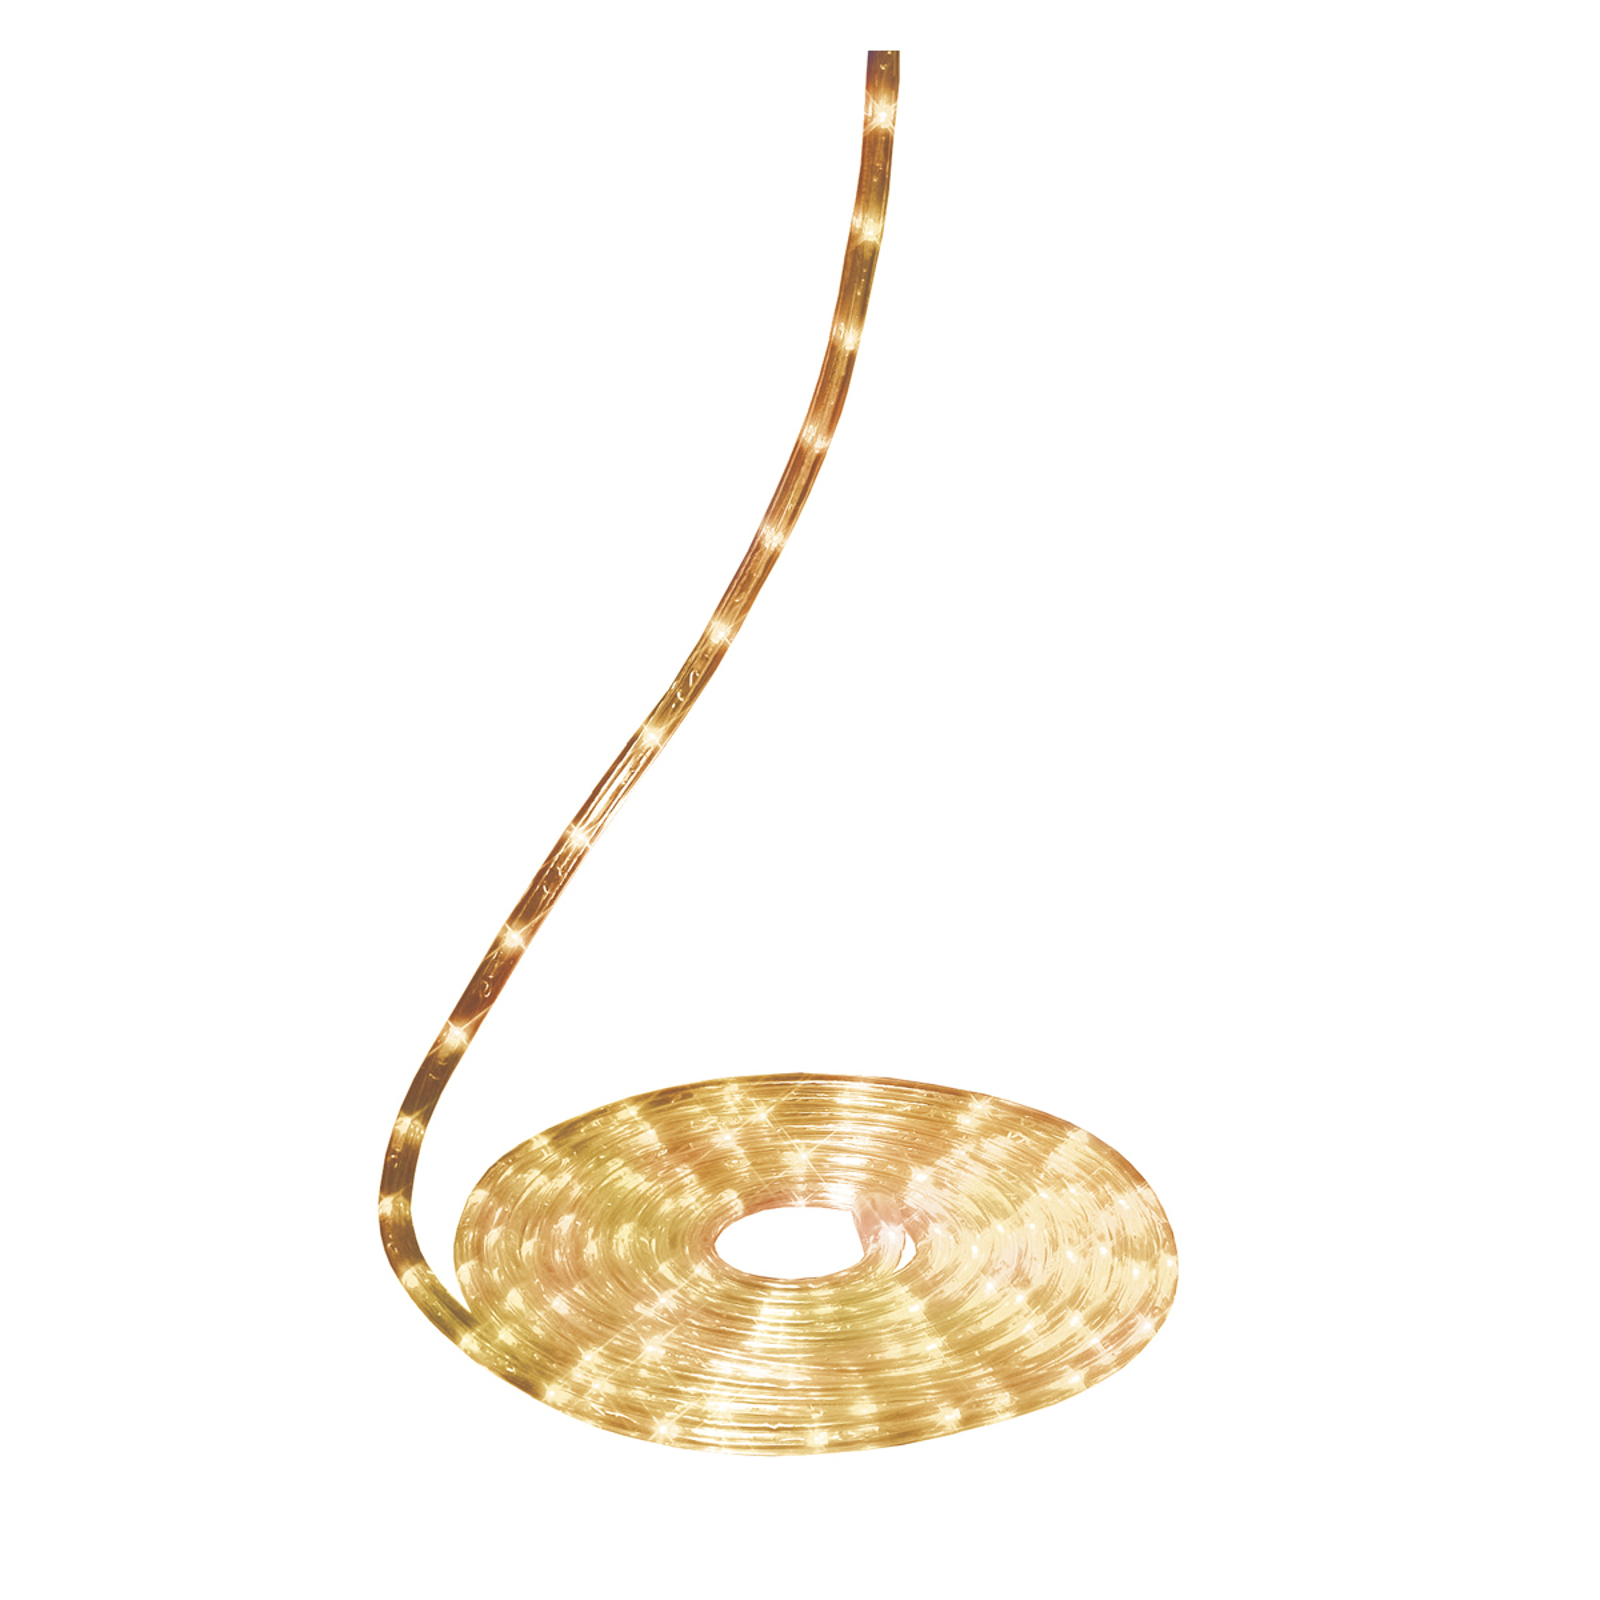 Mały wąż świetlny Rope light, 6 m, przezroczysty